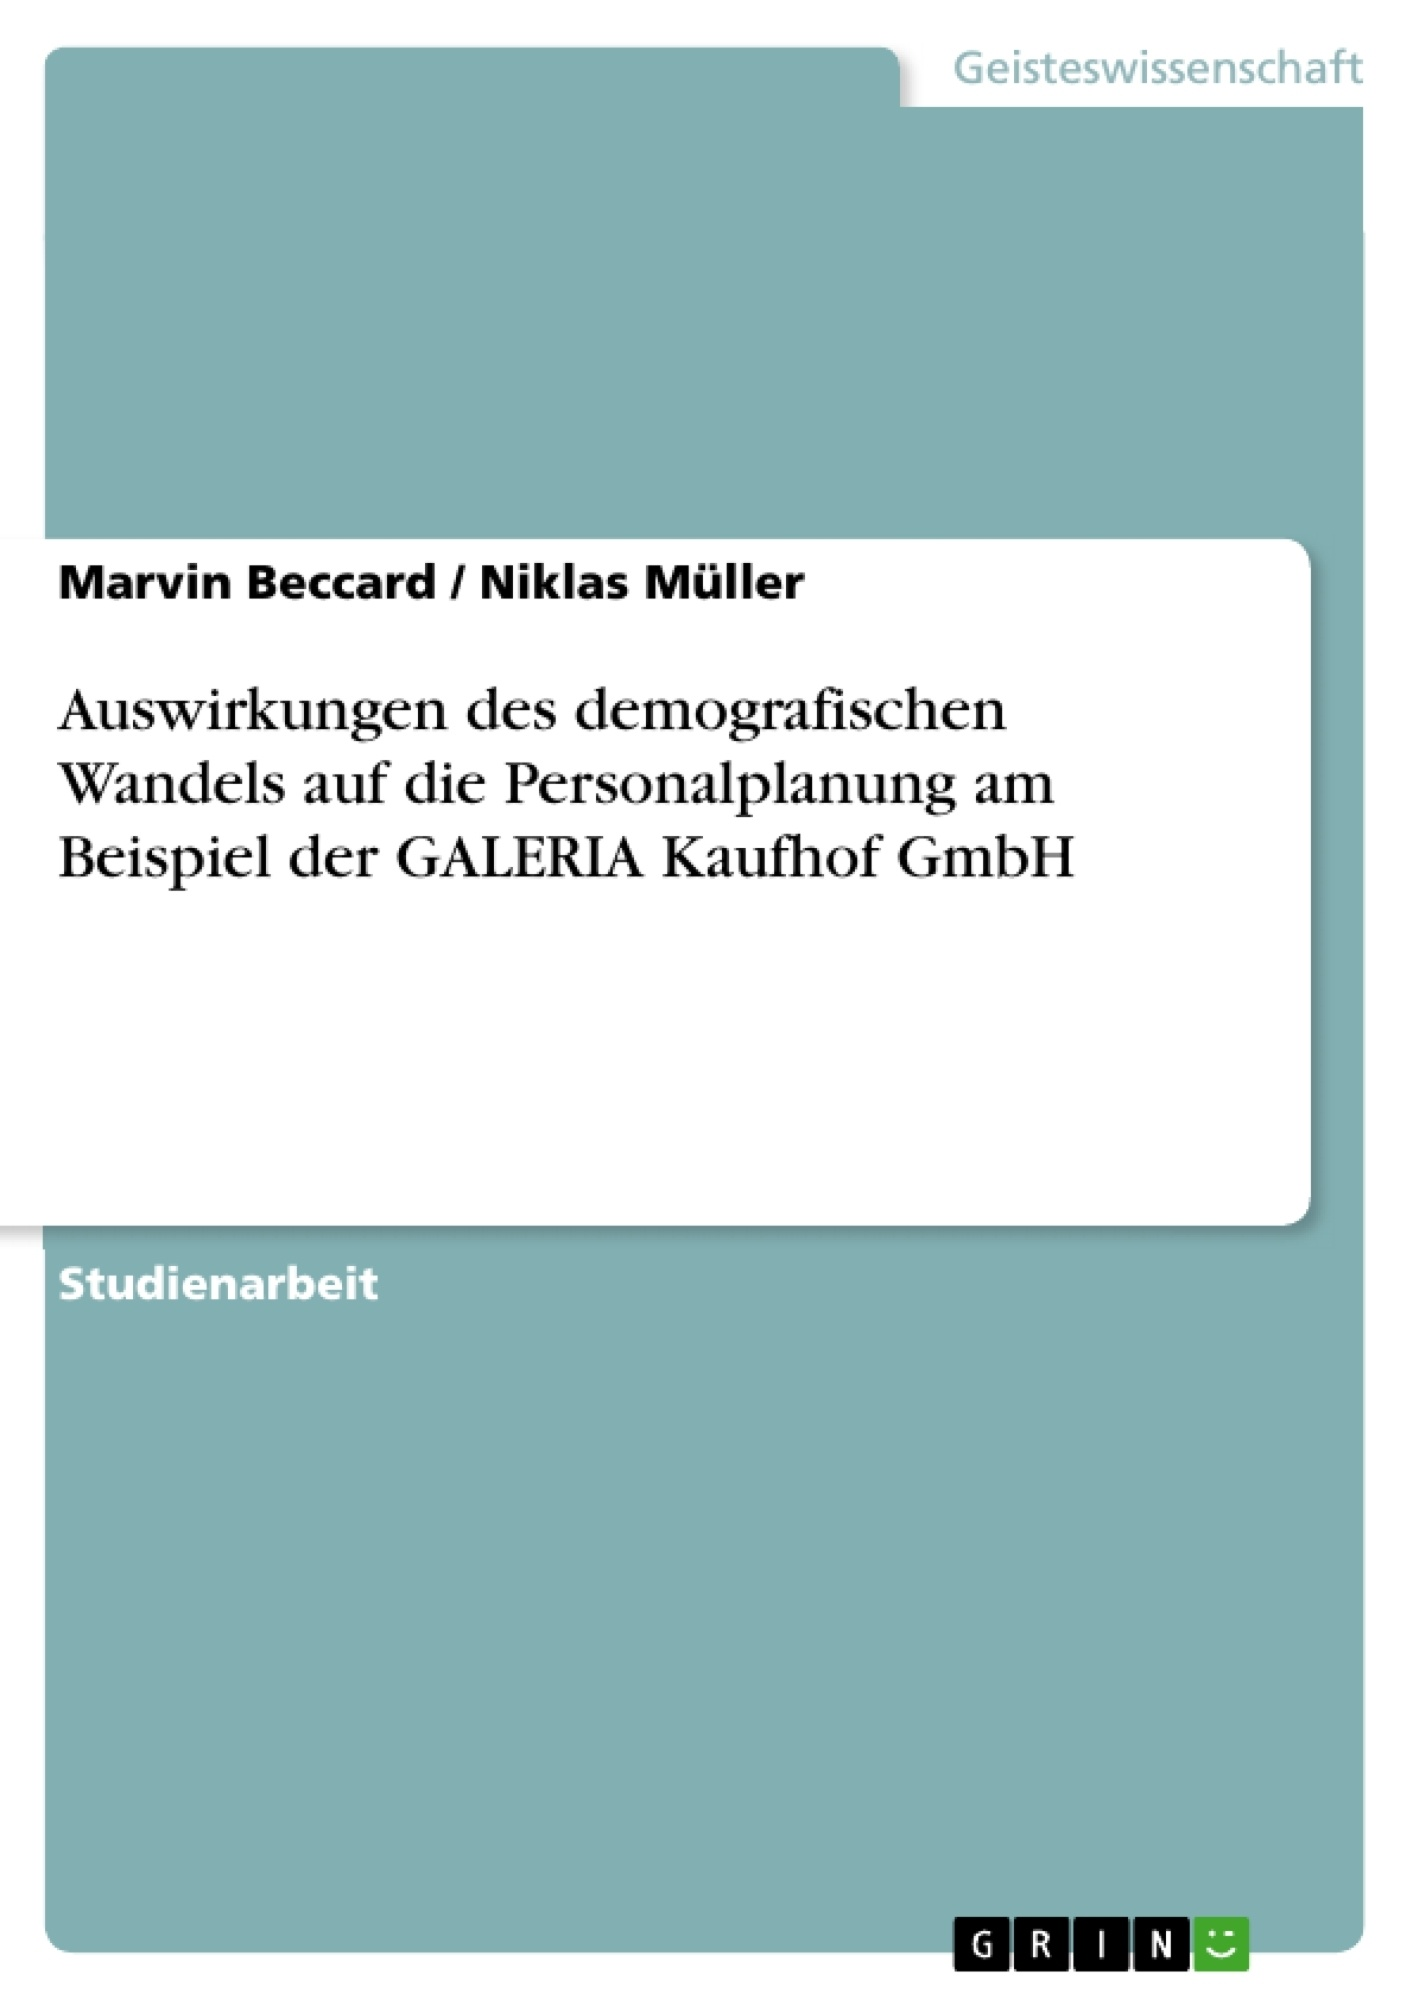 Titel: Auswirkungen des demografischen Wandels auf die Personalplanung am Beispiel der GALERIA Kaufhof GmbH